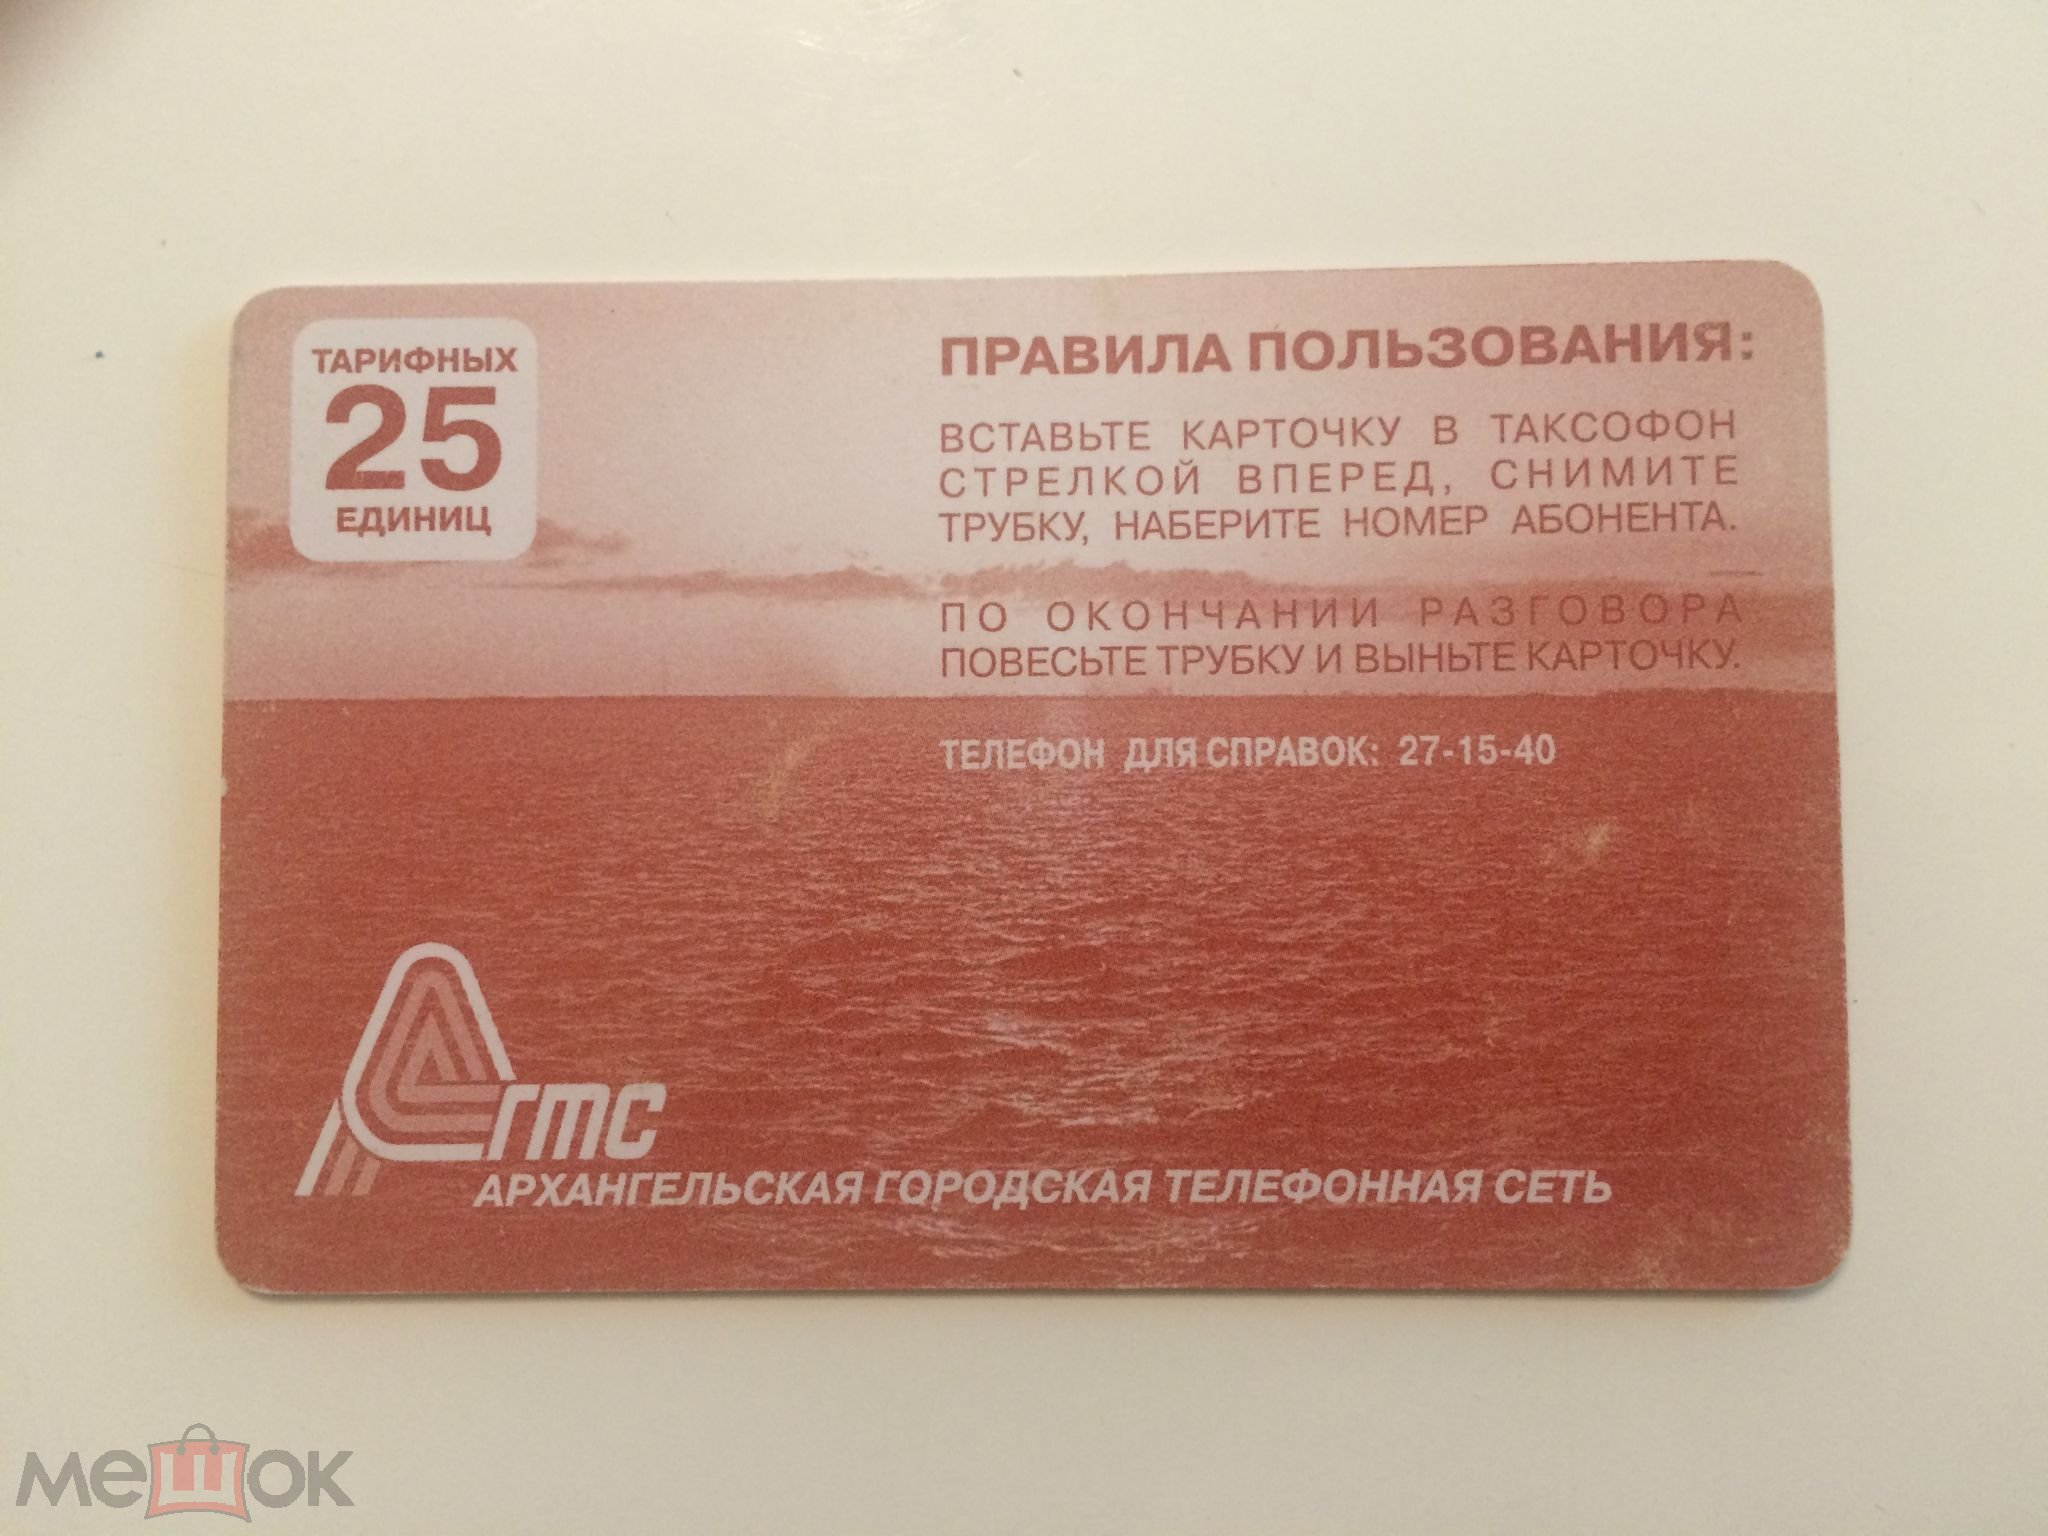 Микс Телеграм Норильск Опиаты Без кидалова Комсомольск-на-Амуре